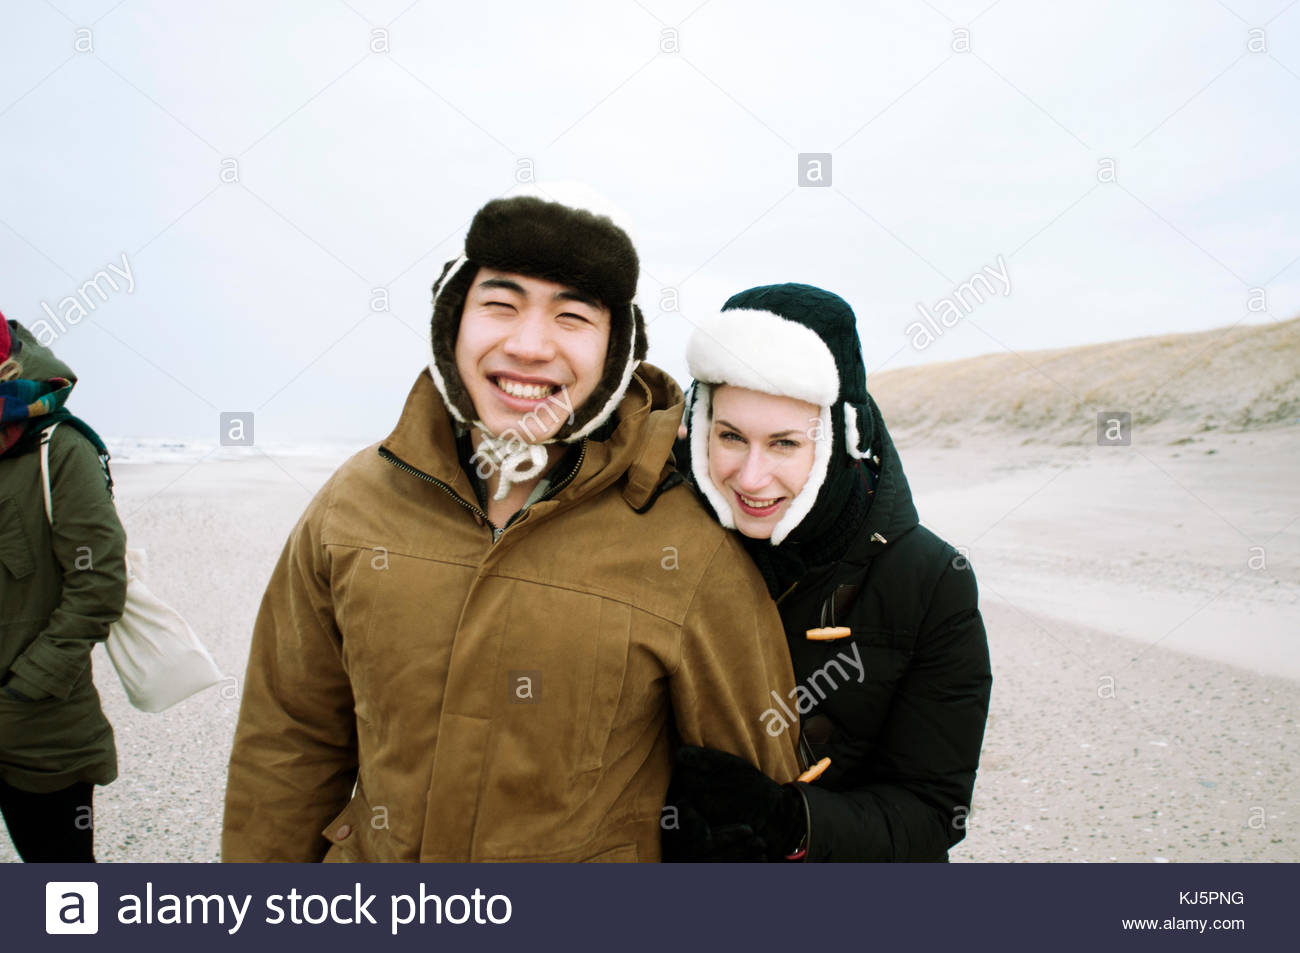 Coppia felice in abbigliamento invernale Immagini Stock